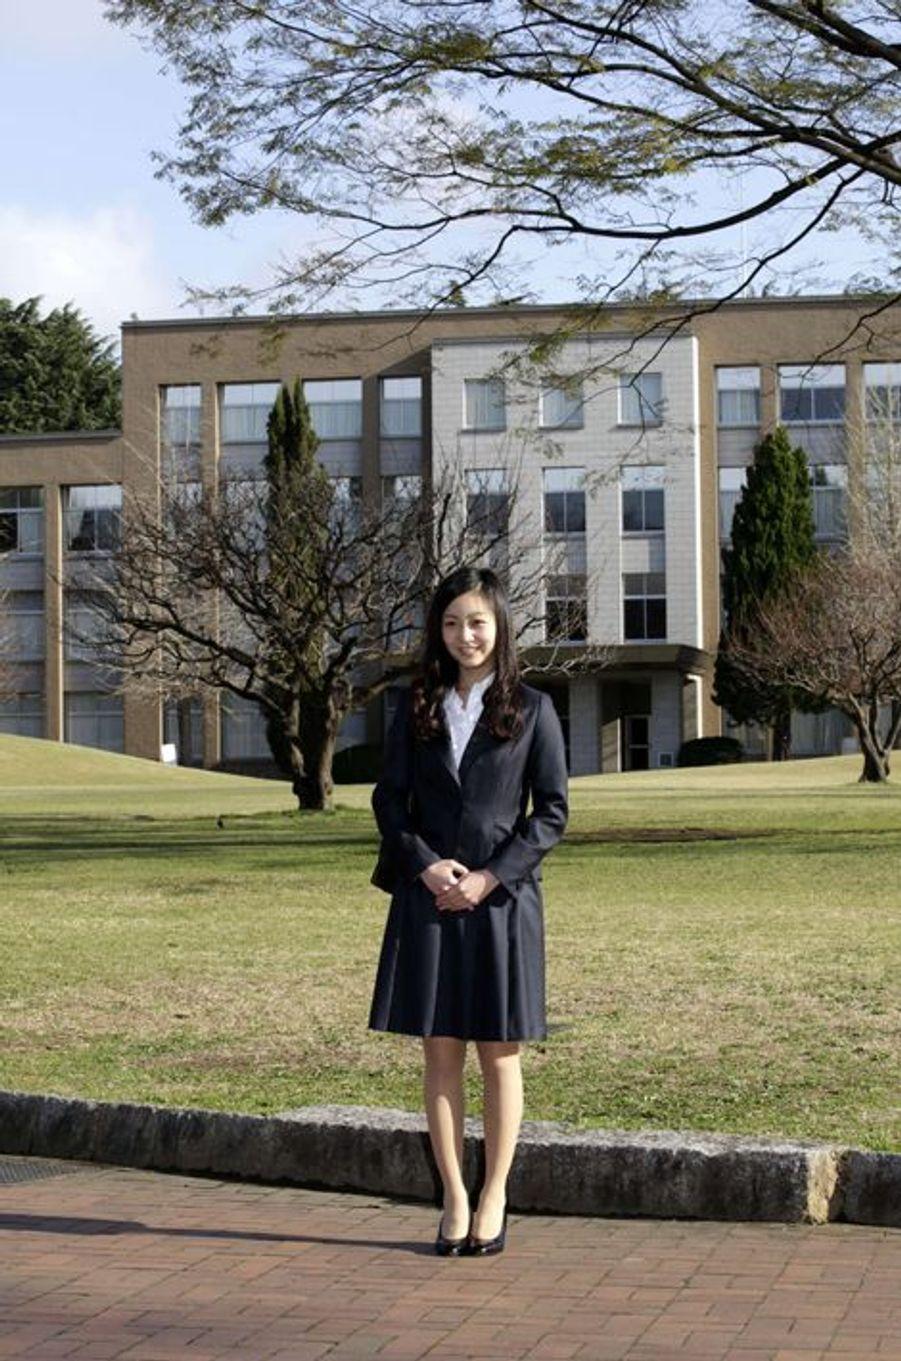 La princesse Kako du Japon sur le campus de l'Université chrétienne internationale à Tokyo, le 2 avril 2015